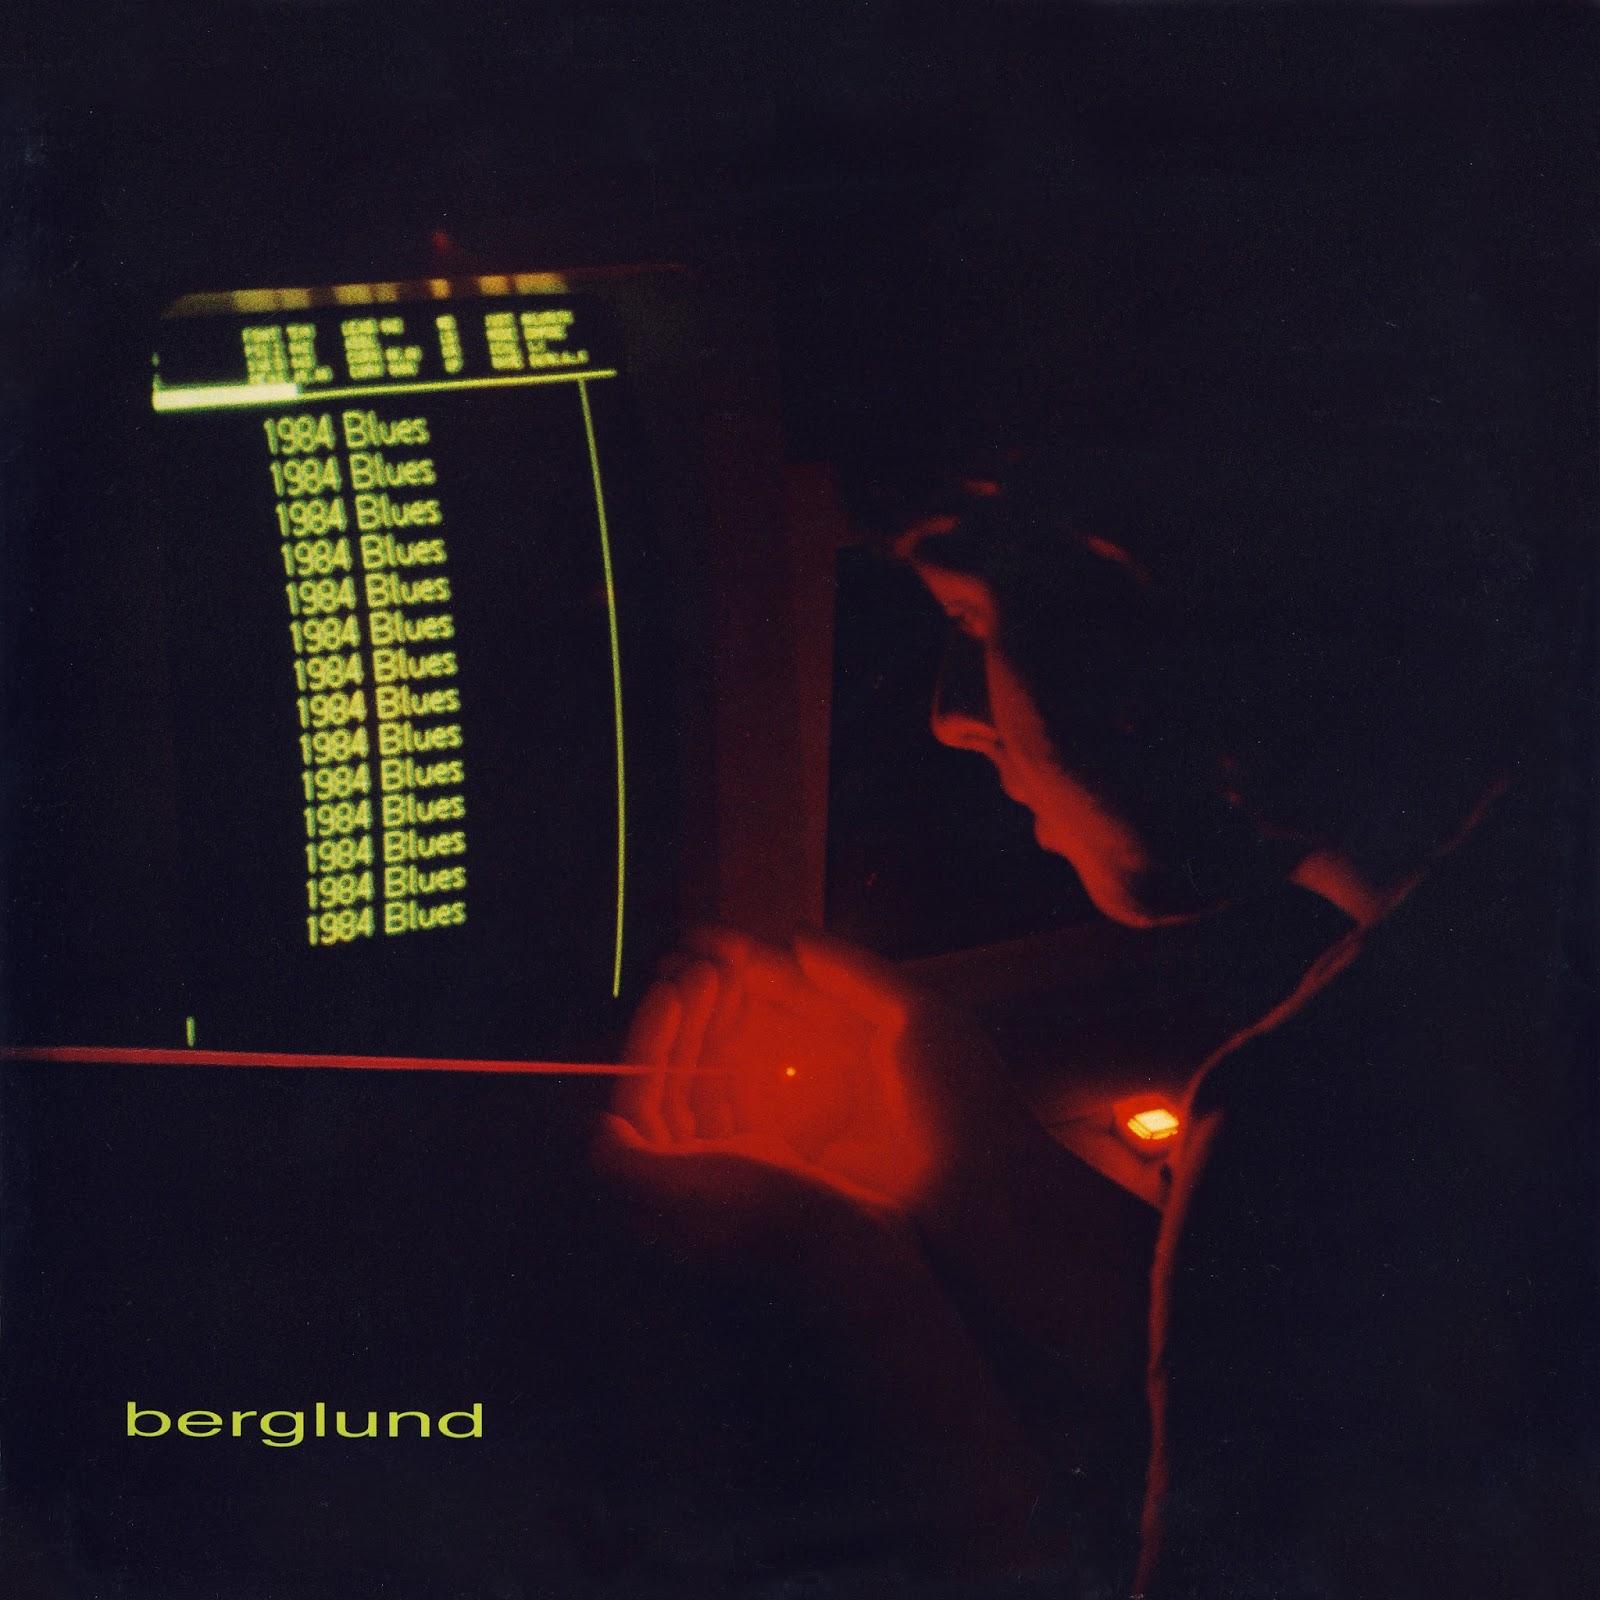 Berglund 1984 Blues